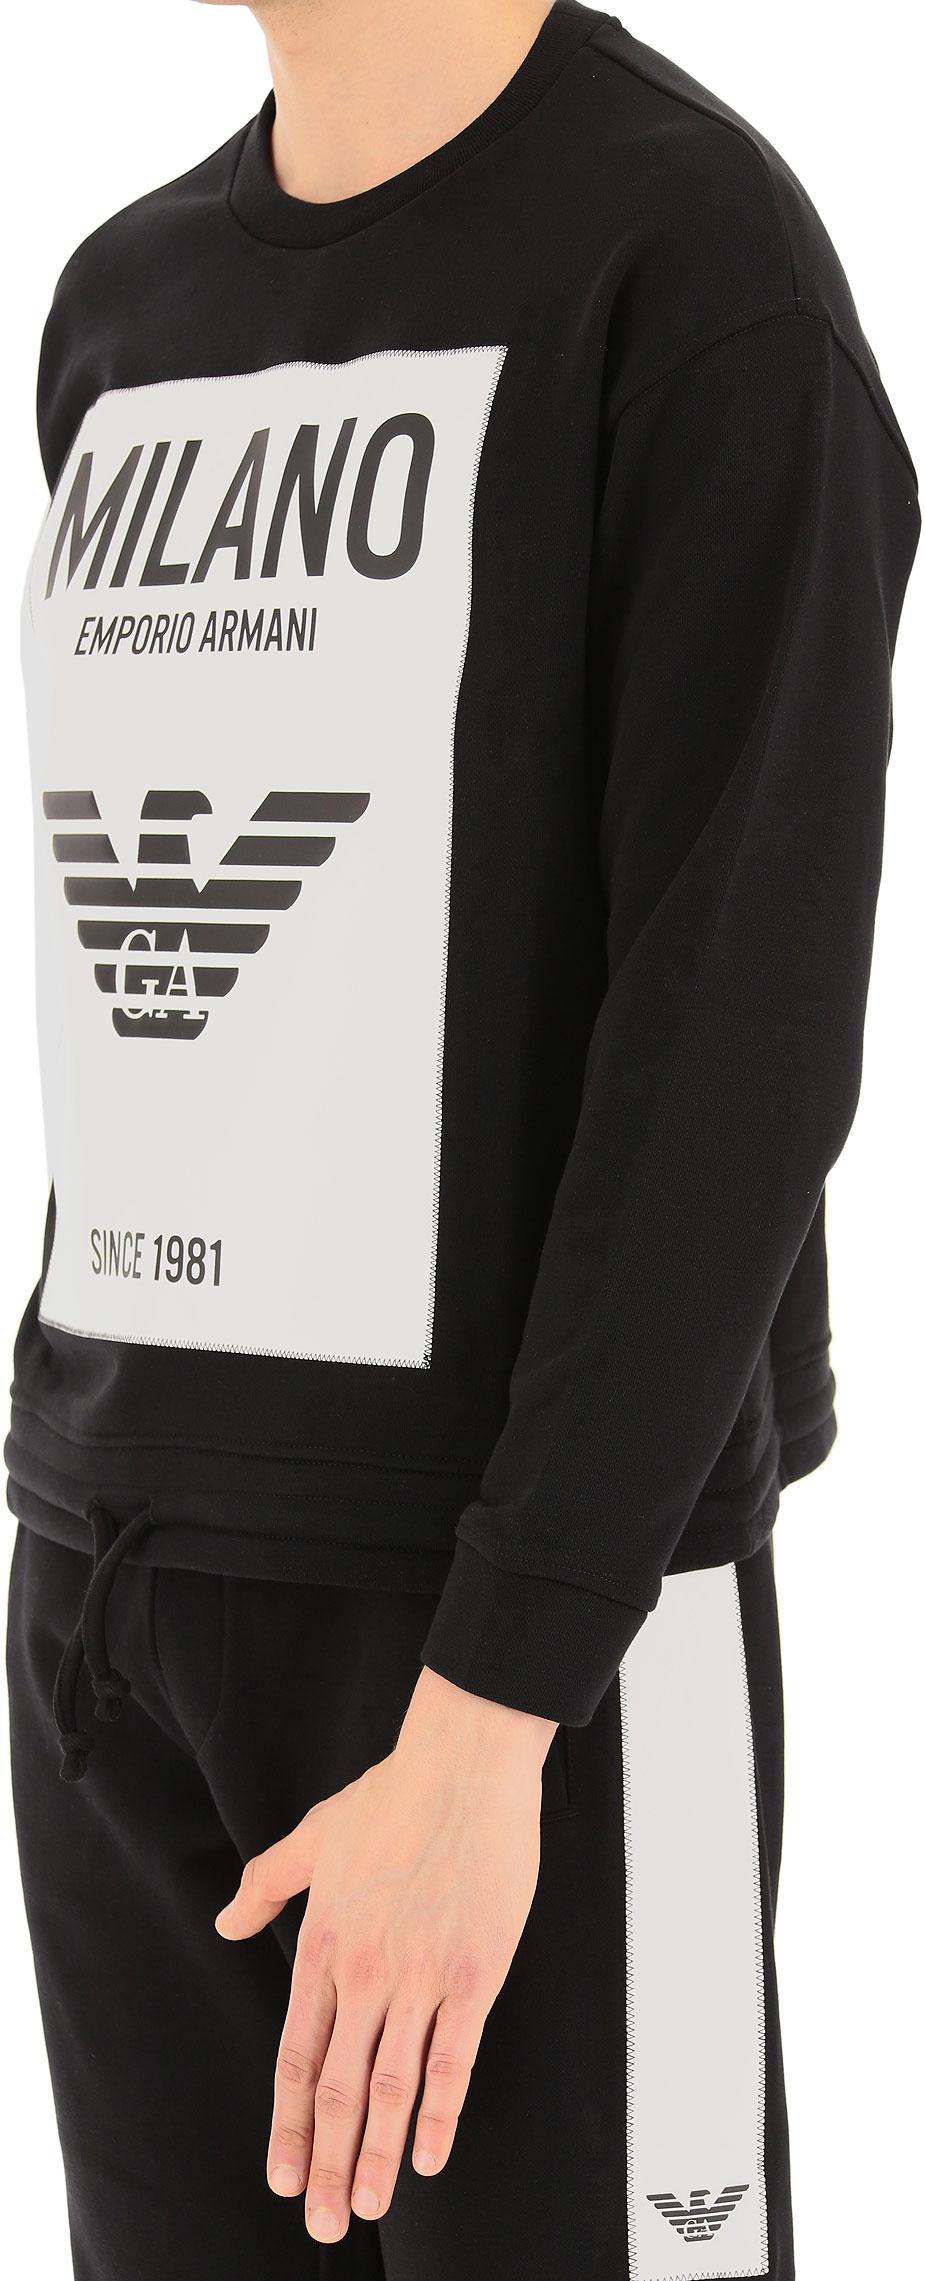 Abbigliamento Uomo Emporio Armani, Codice Articolo: 3z1m71-1j36z-0999